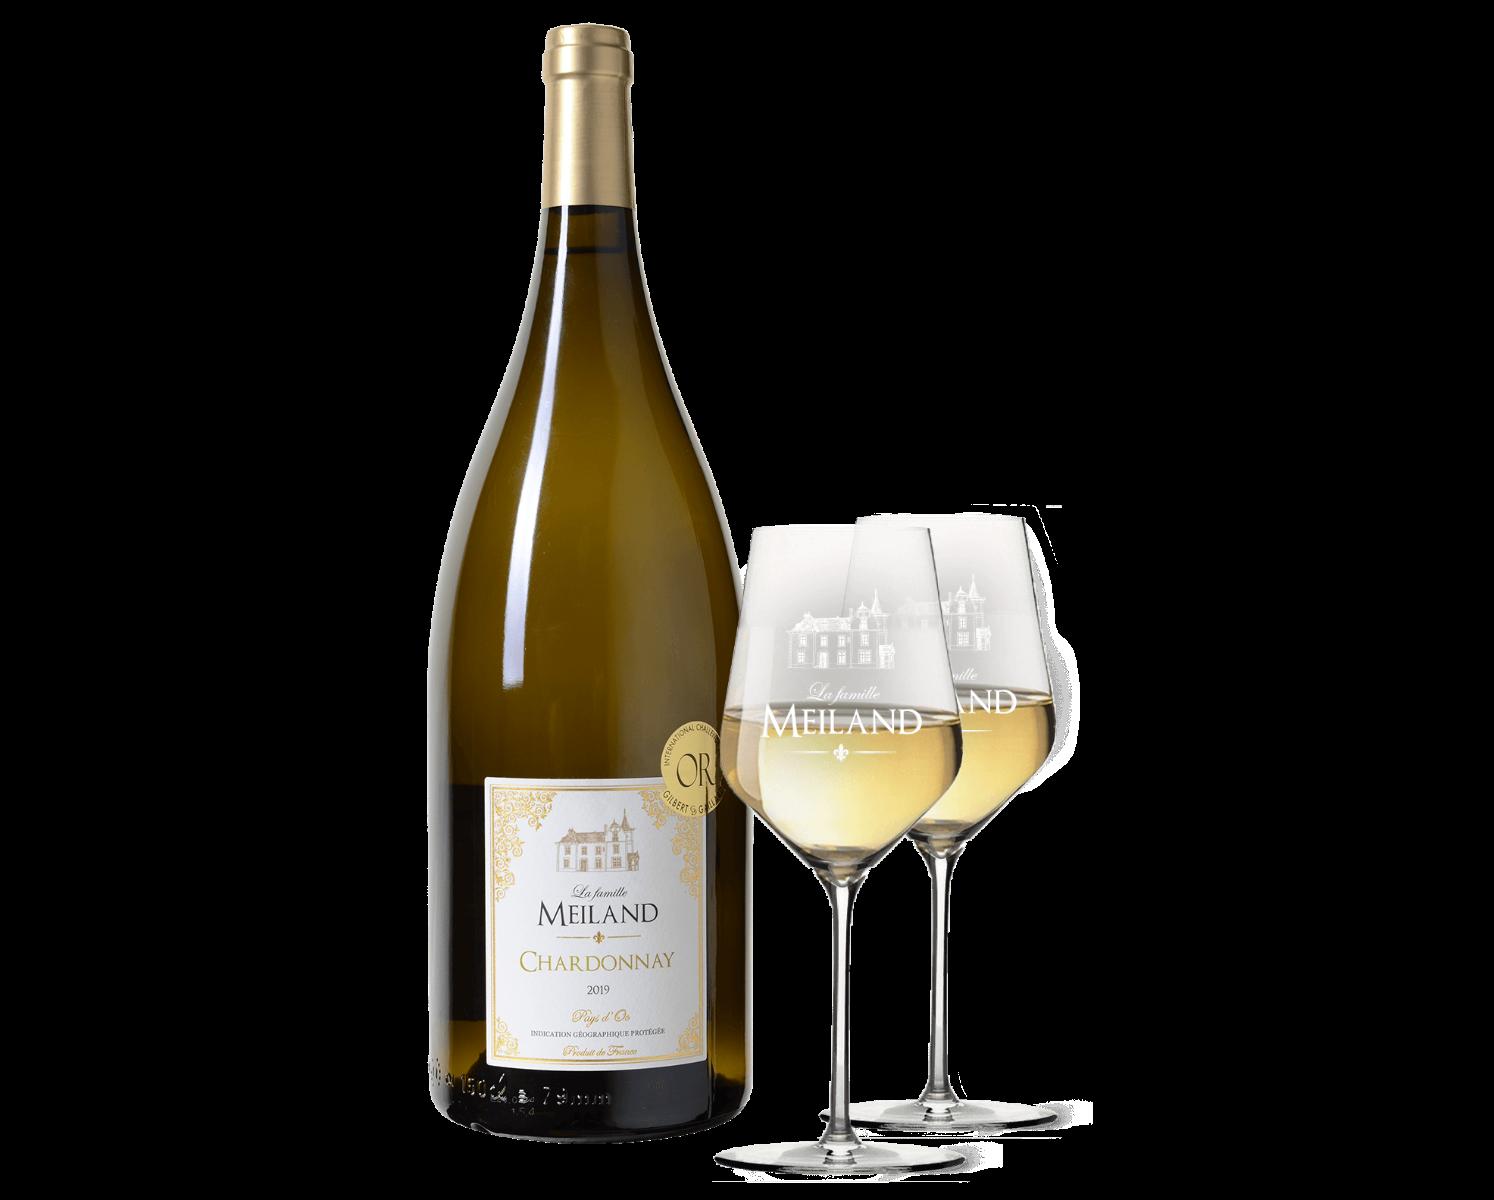 La famille Meiland Chardonnay Magnum met 2 Meilandglazen wijnvoordeel.nl